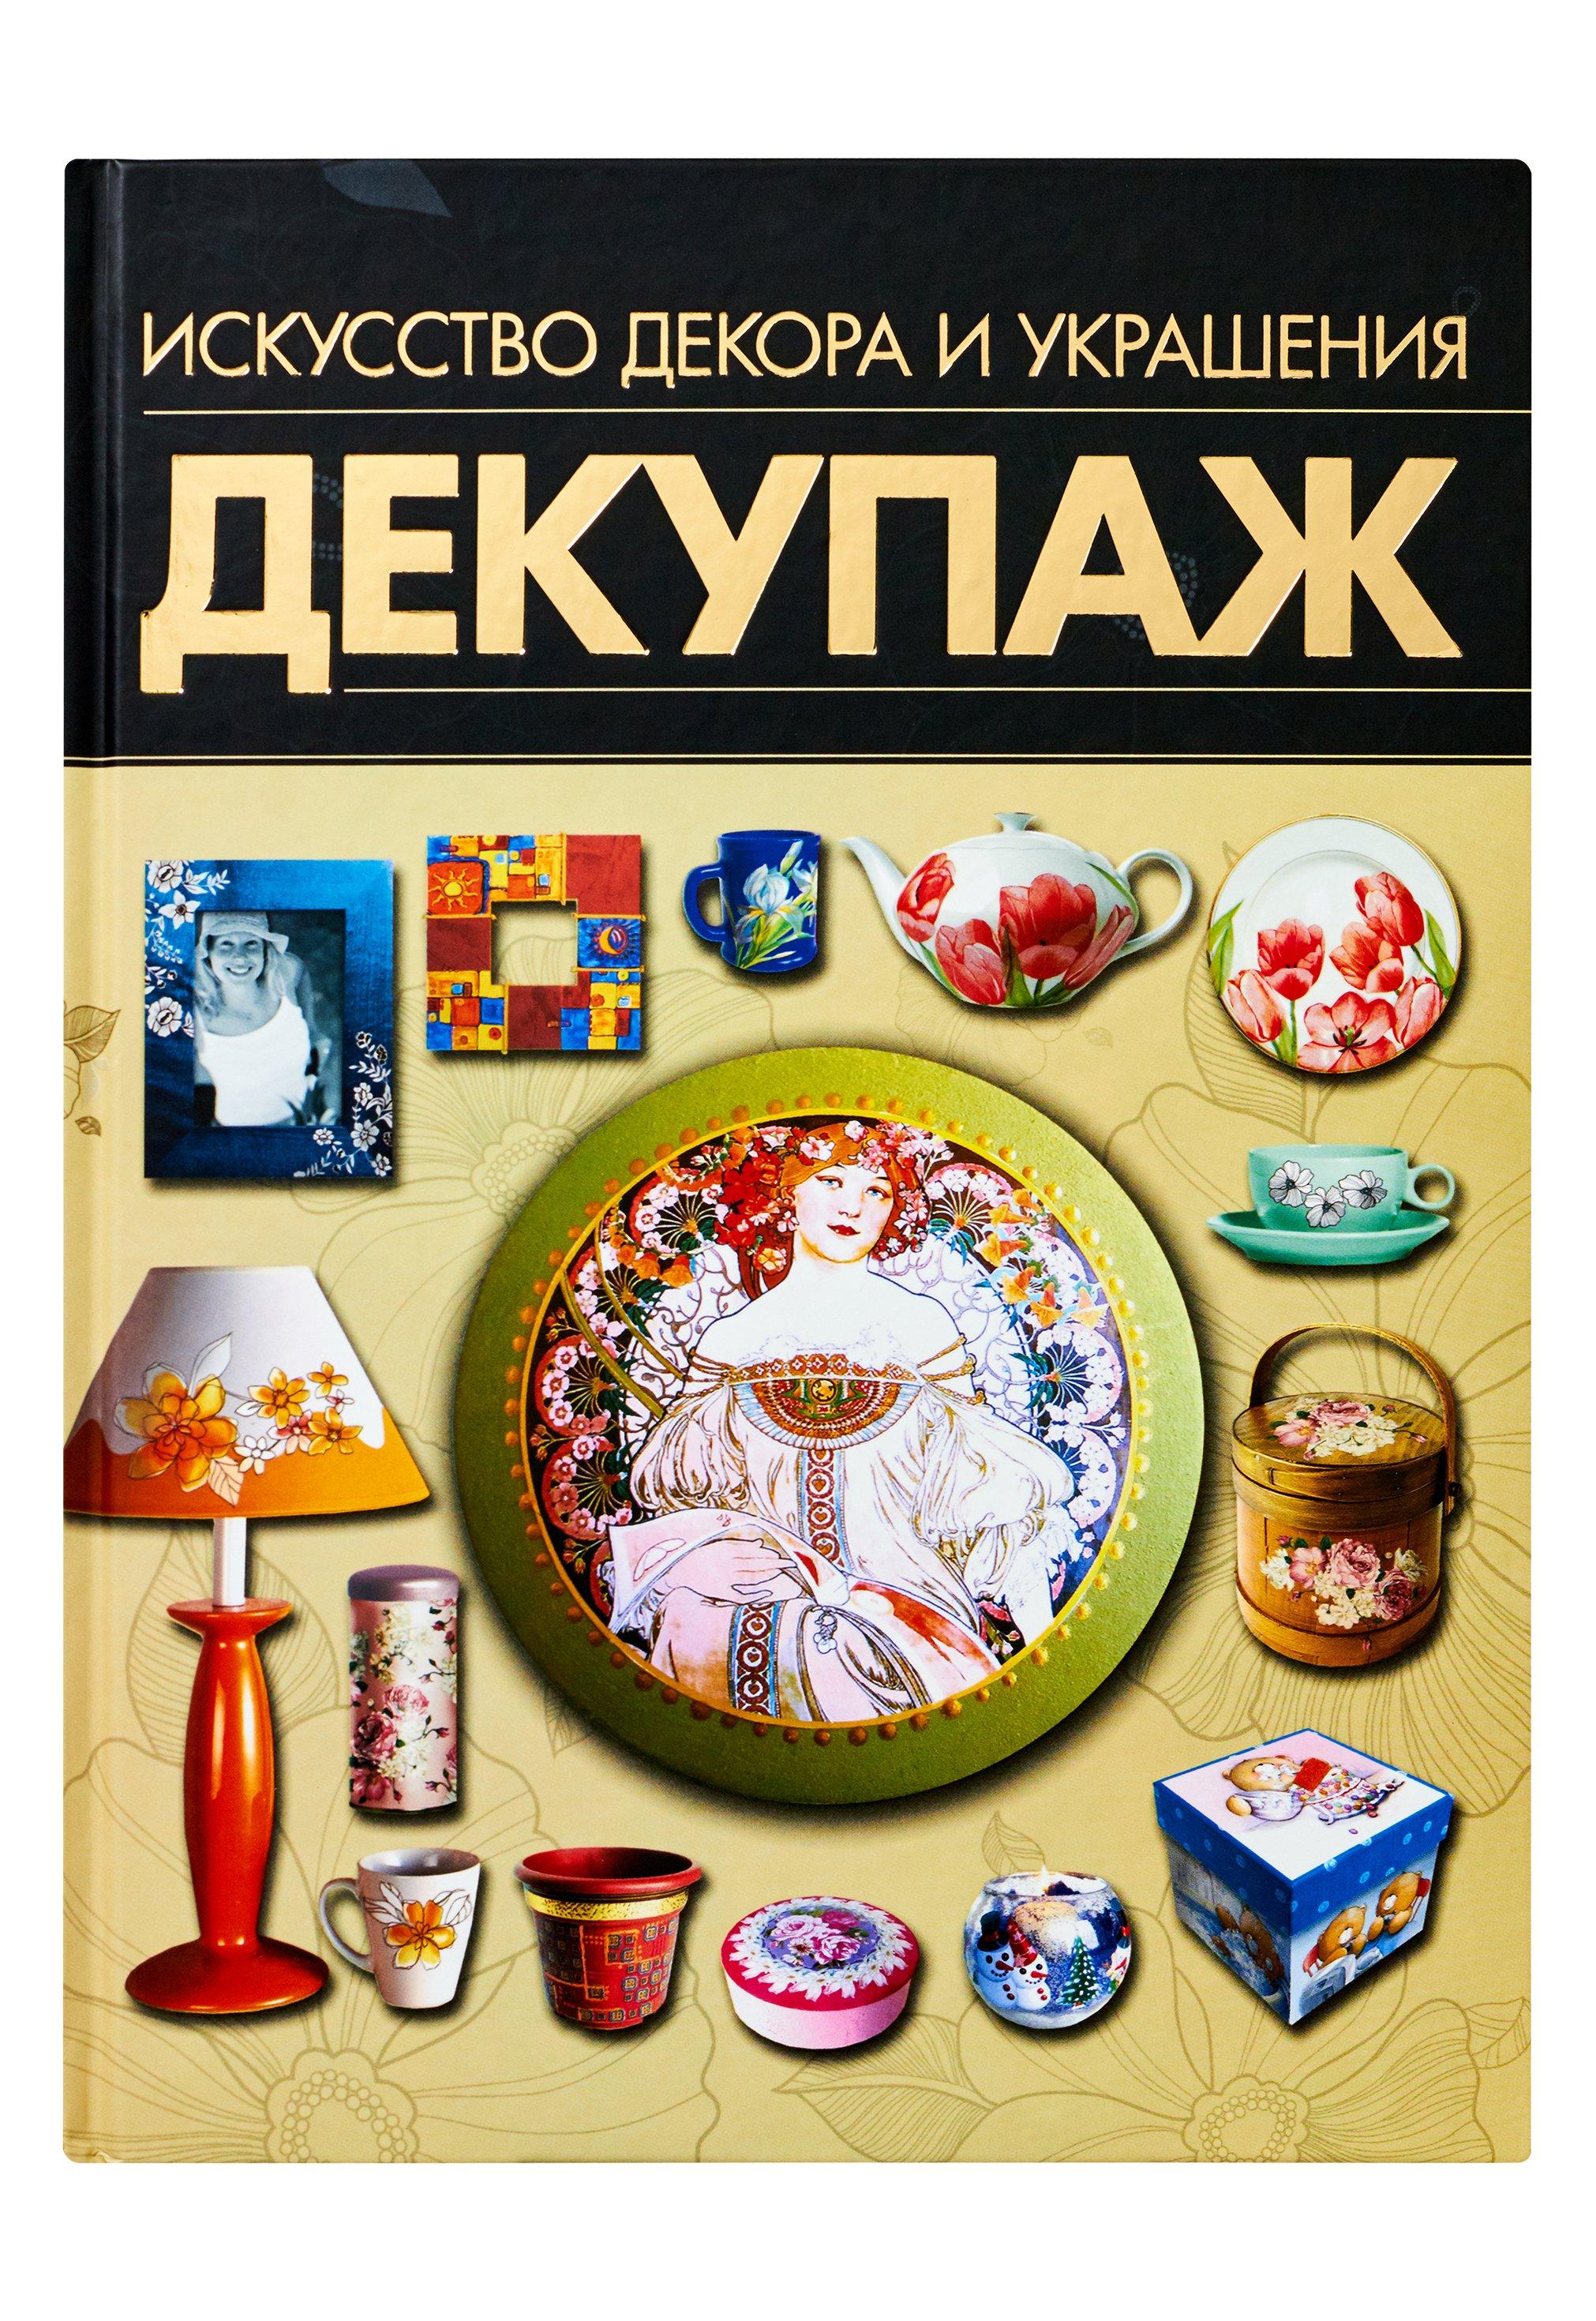 Декупаж. Искусство декора и украшения декупаж искусство декора и украшения